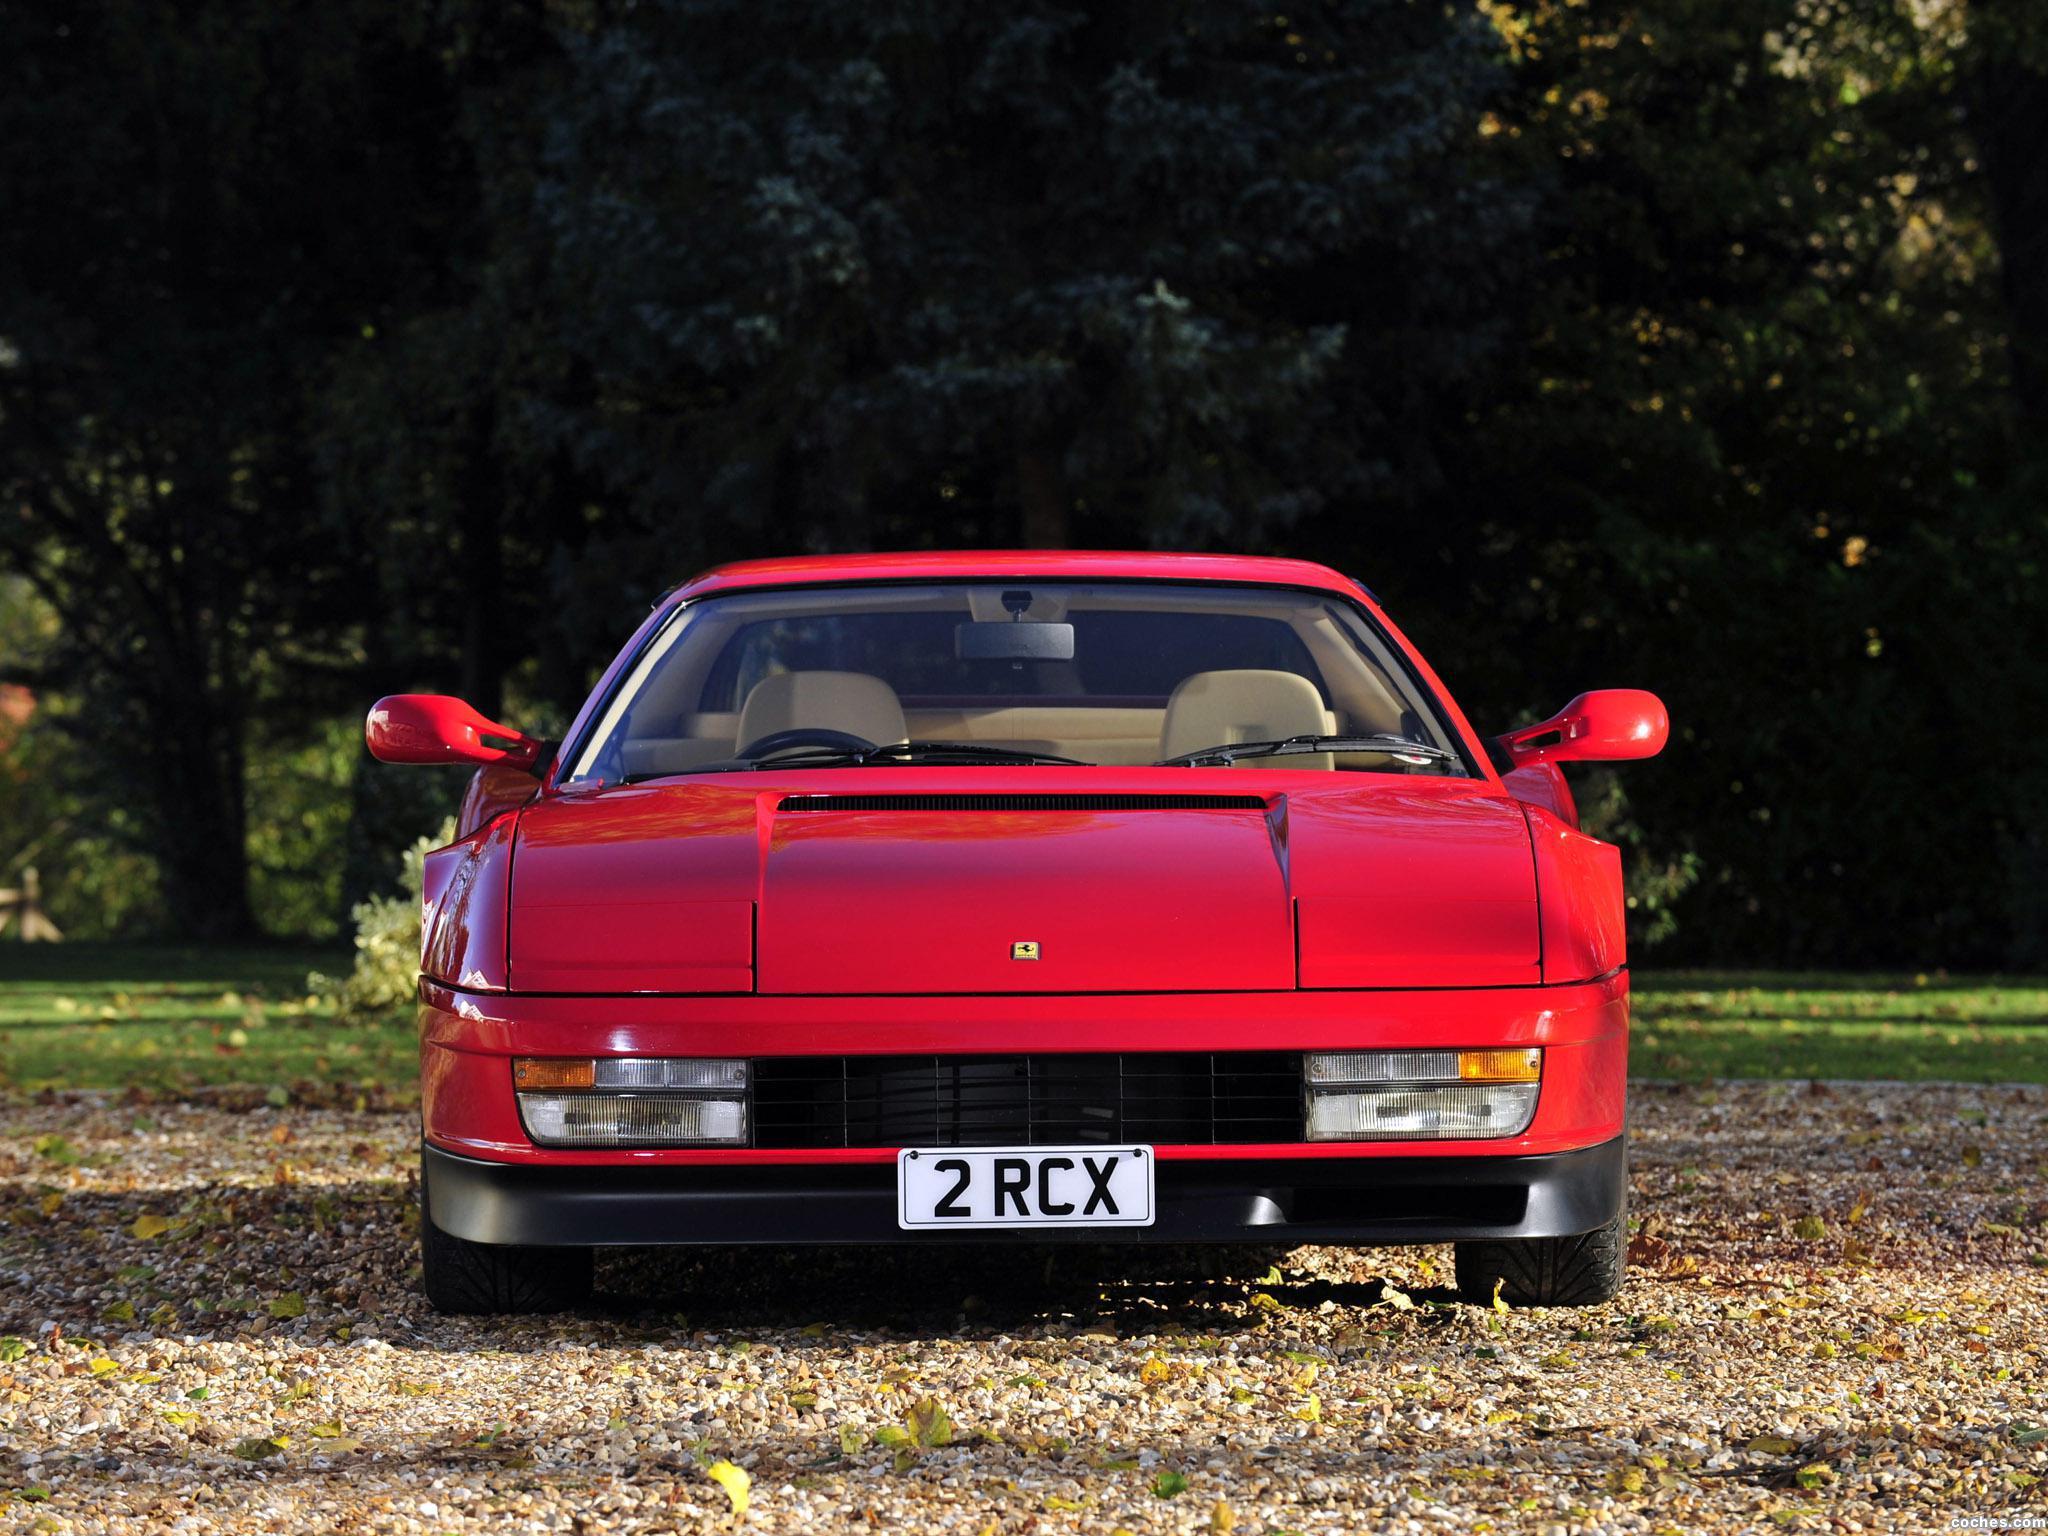 Foto 0 de Ferrari Testarossa UK 1986